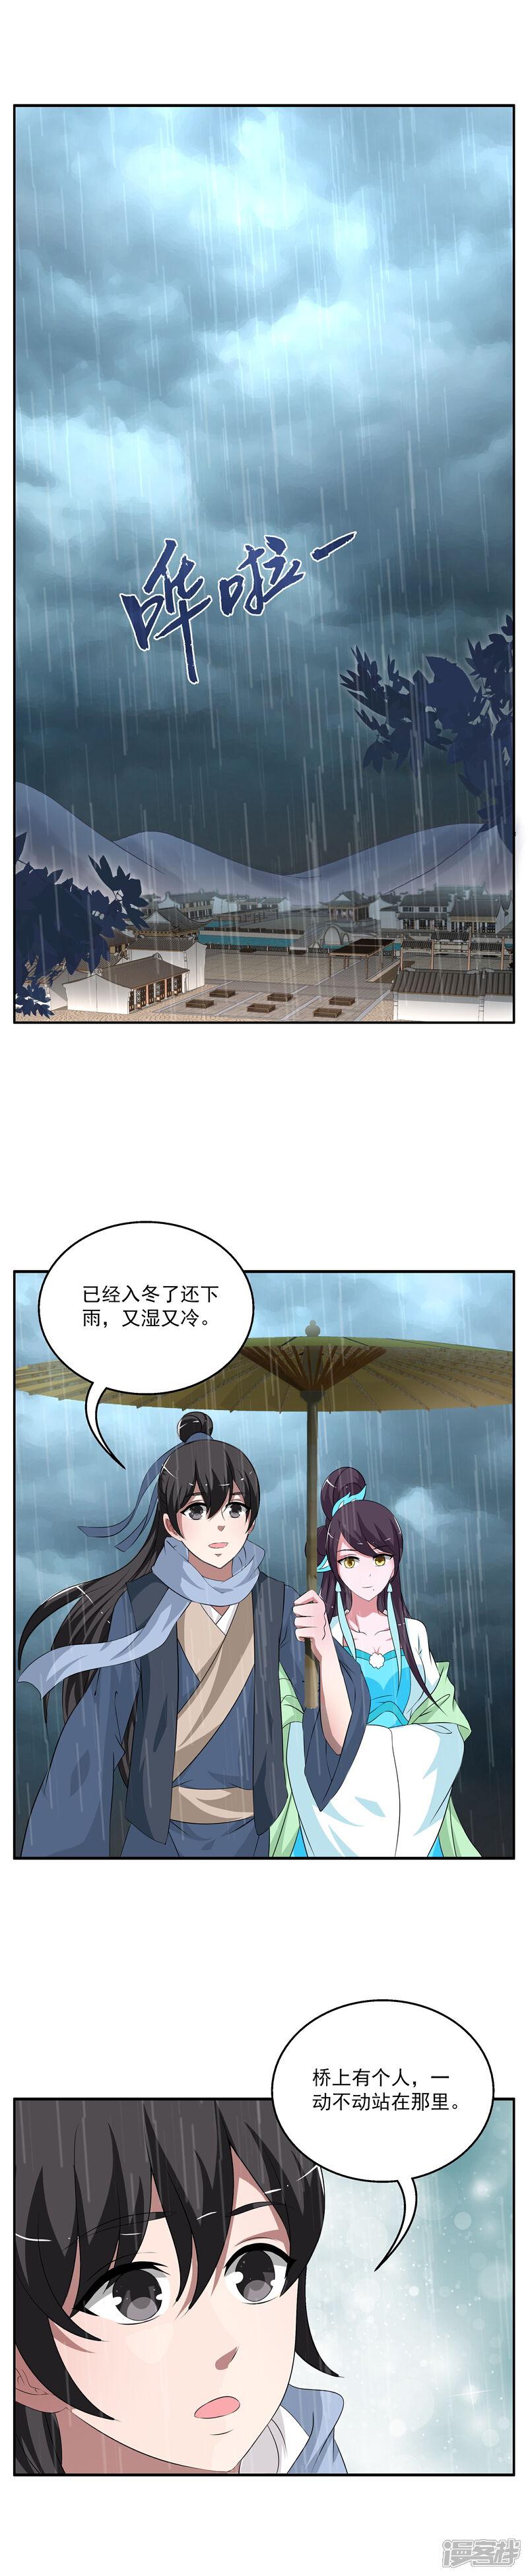 洛小妖188 (2).JPG